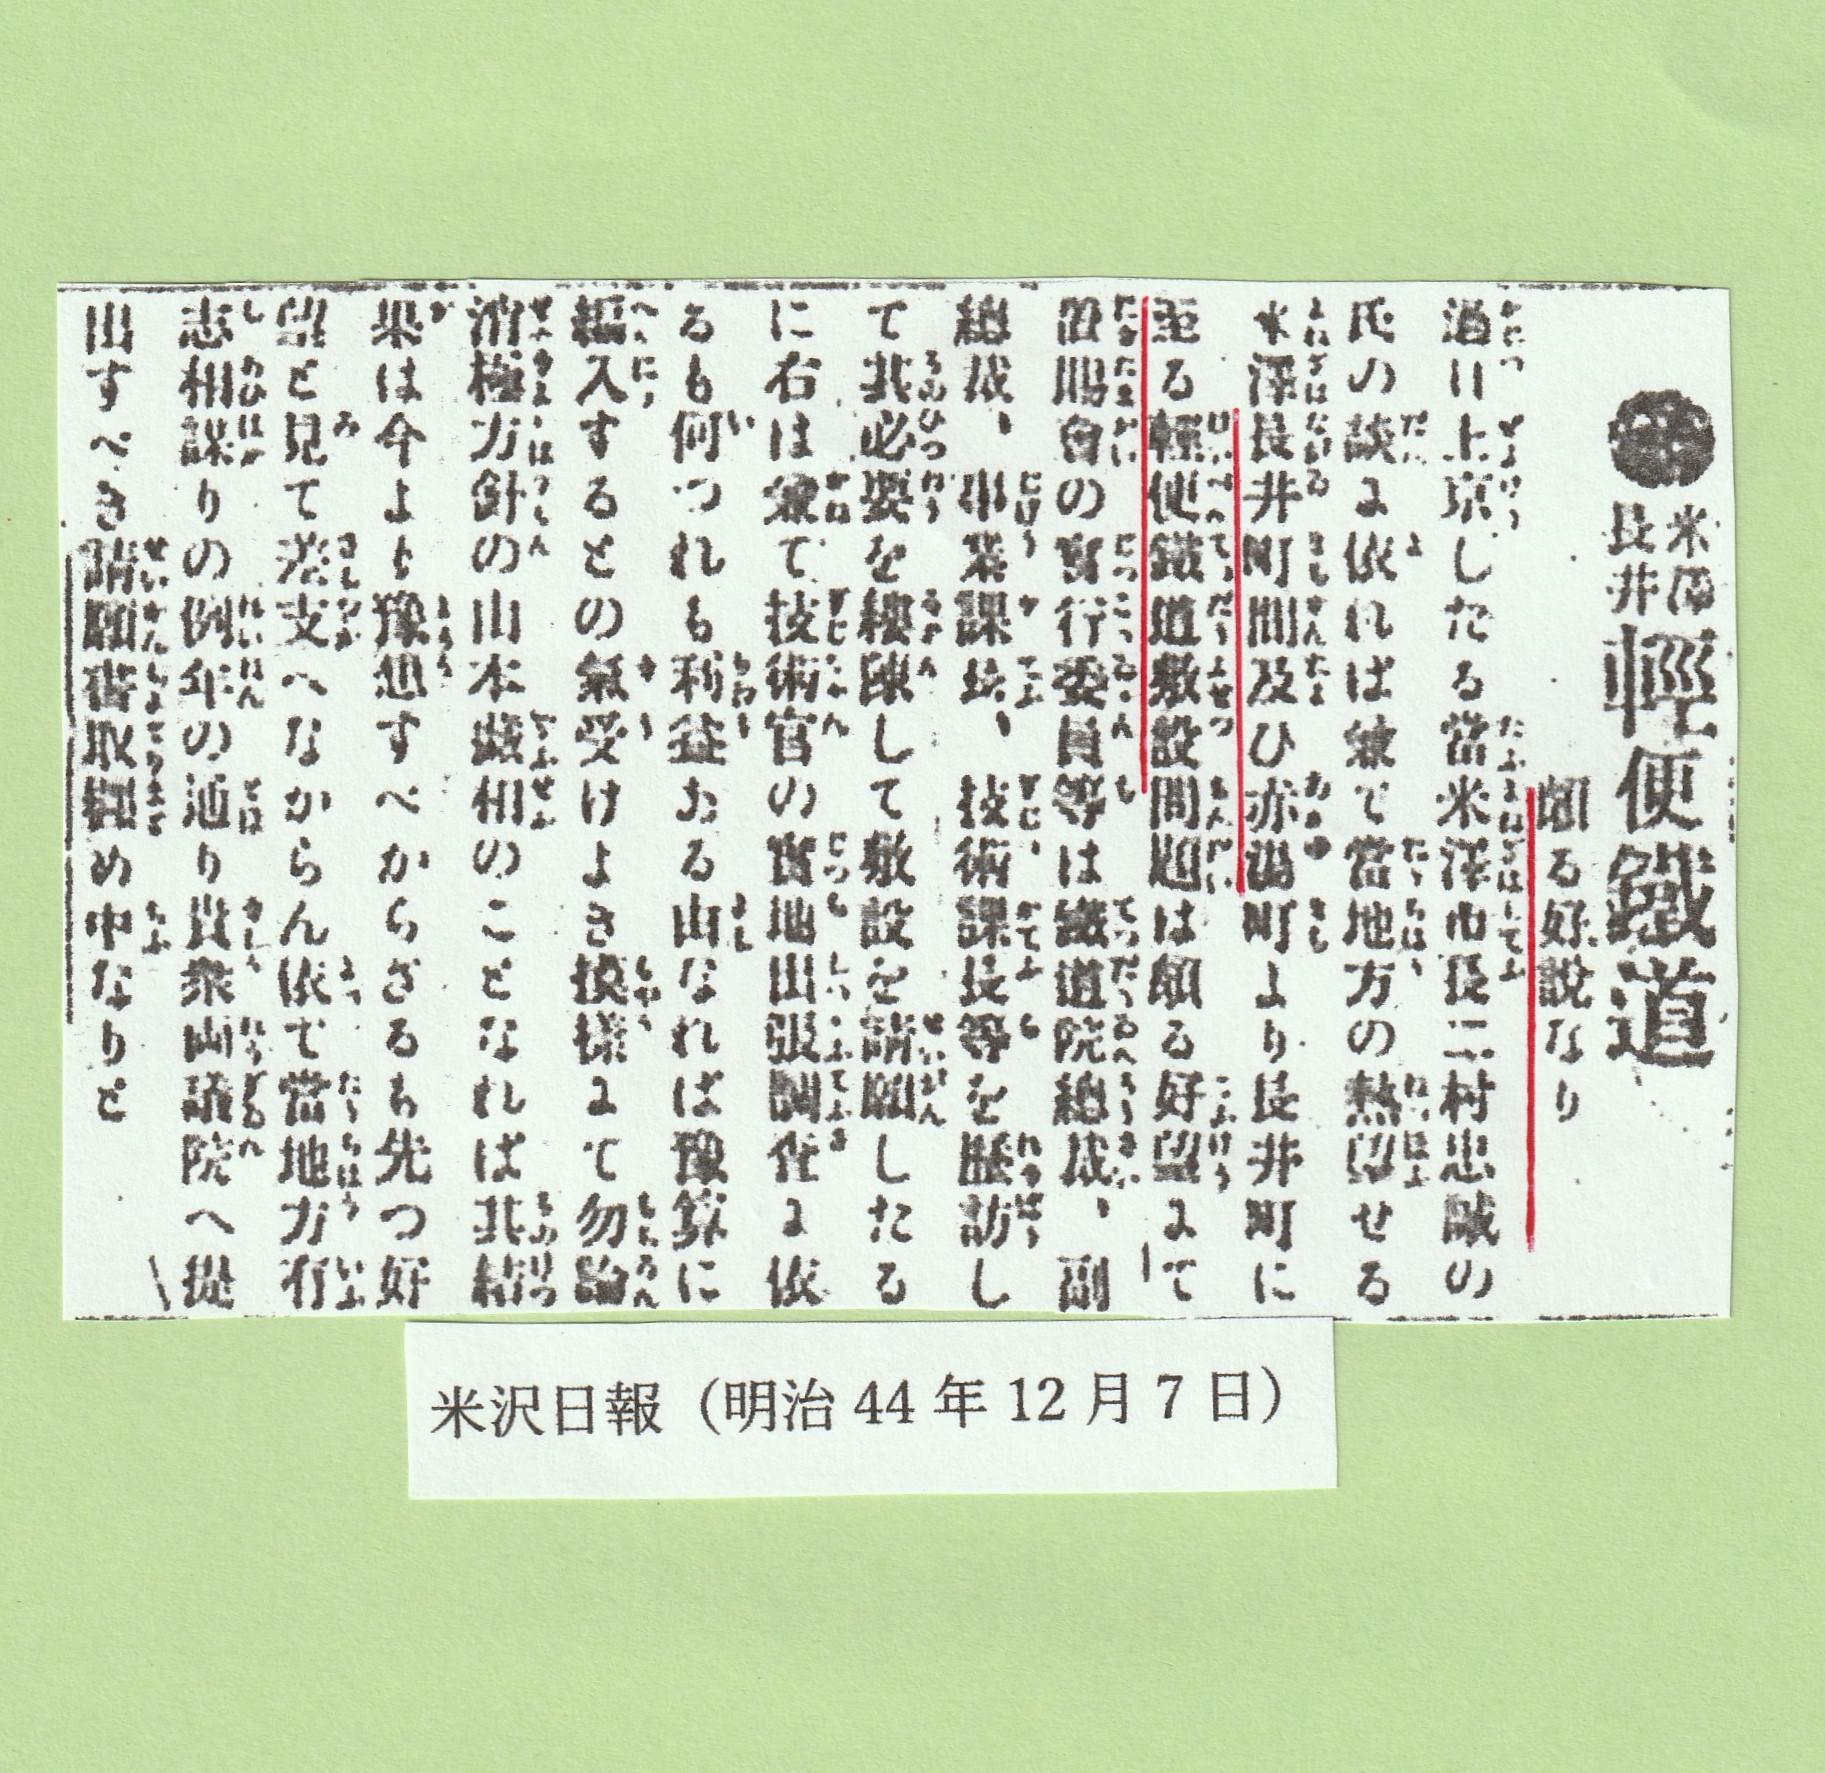 軽鉄人物伝③ 荒砥町6人衆(その5)